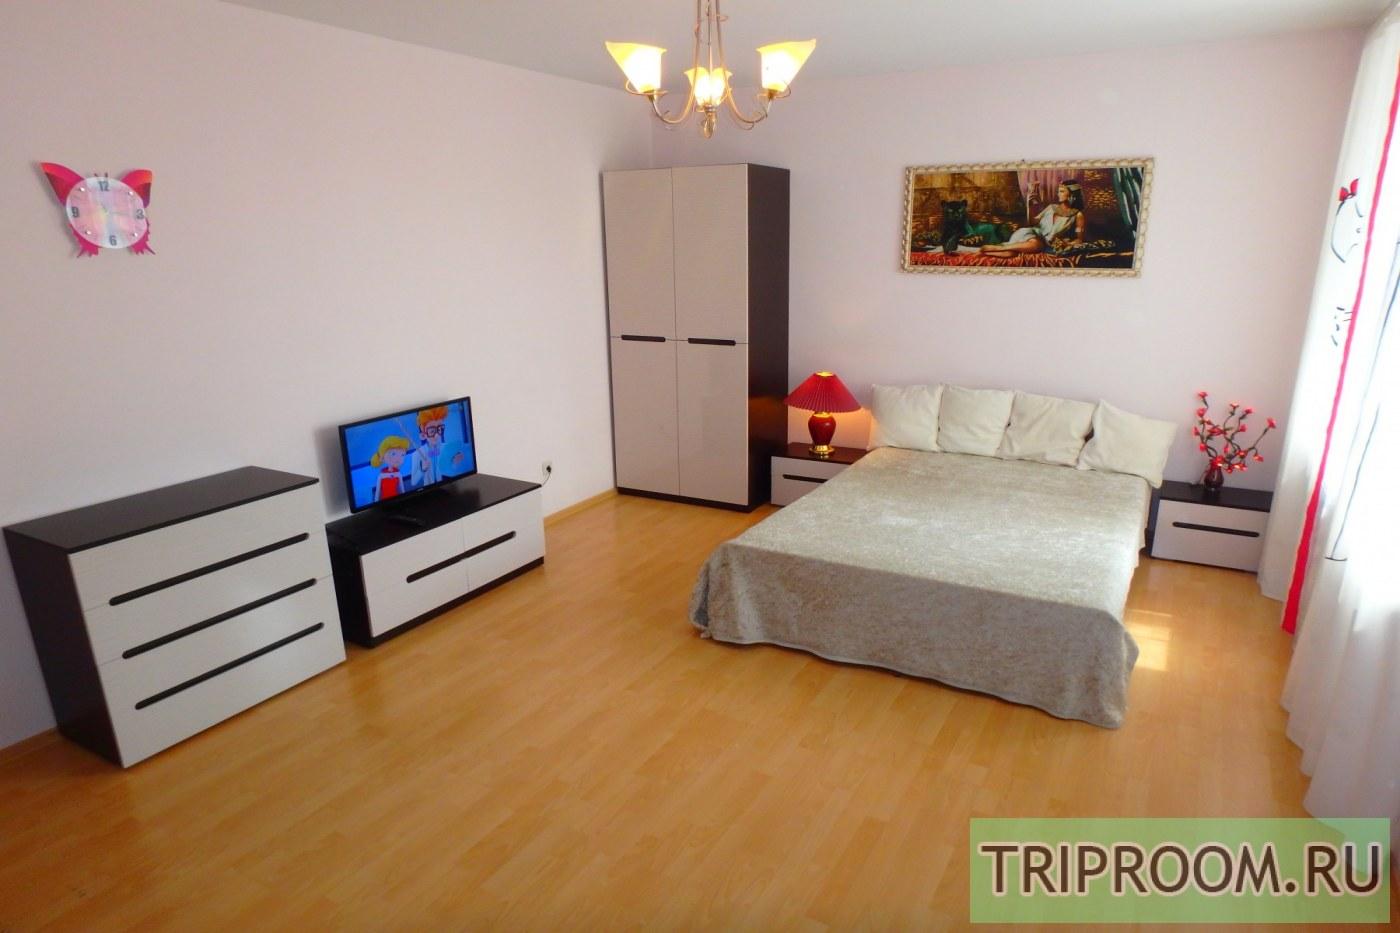 2-комнатная квартира посуточно (вариант № 9383), ул. Каменская улица, фото № 13